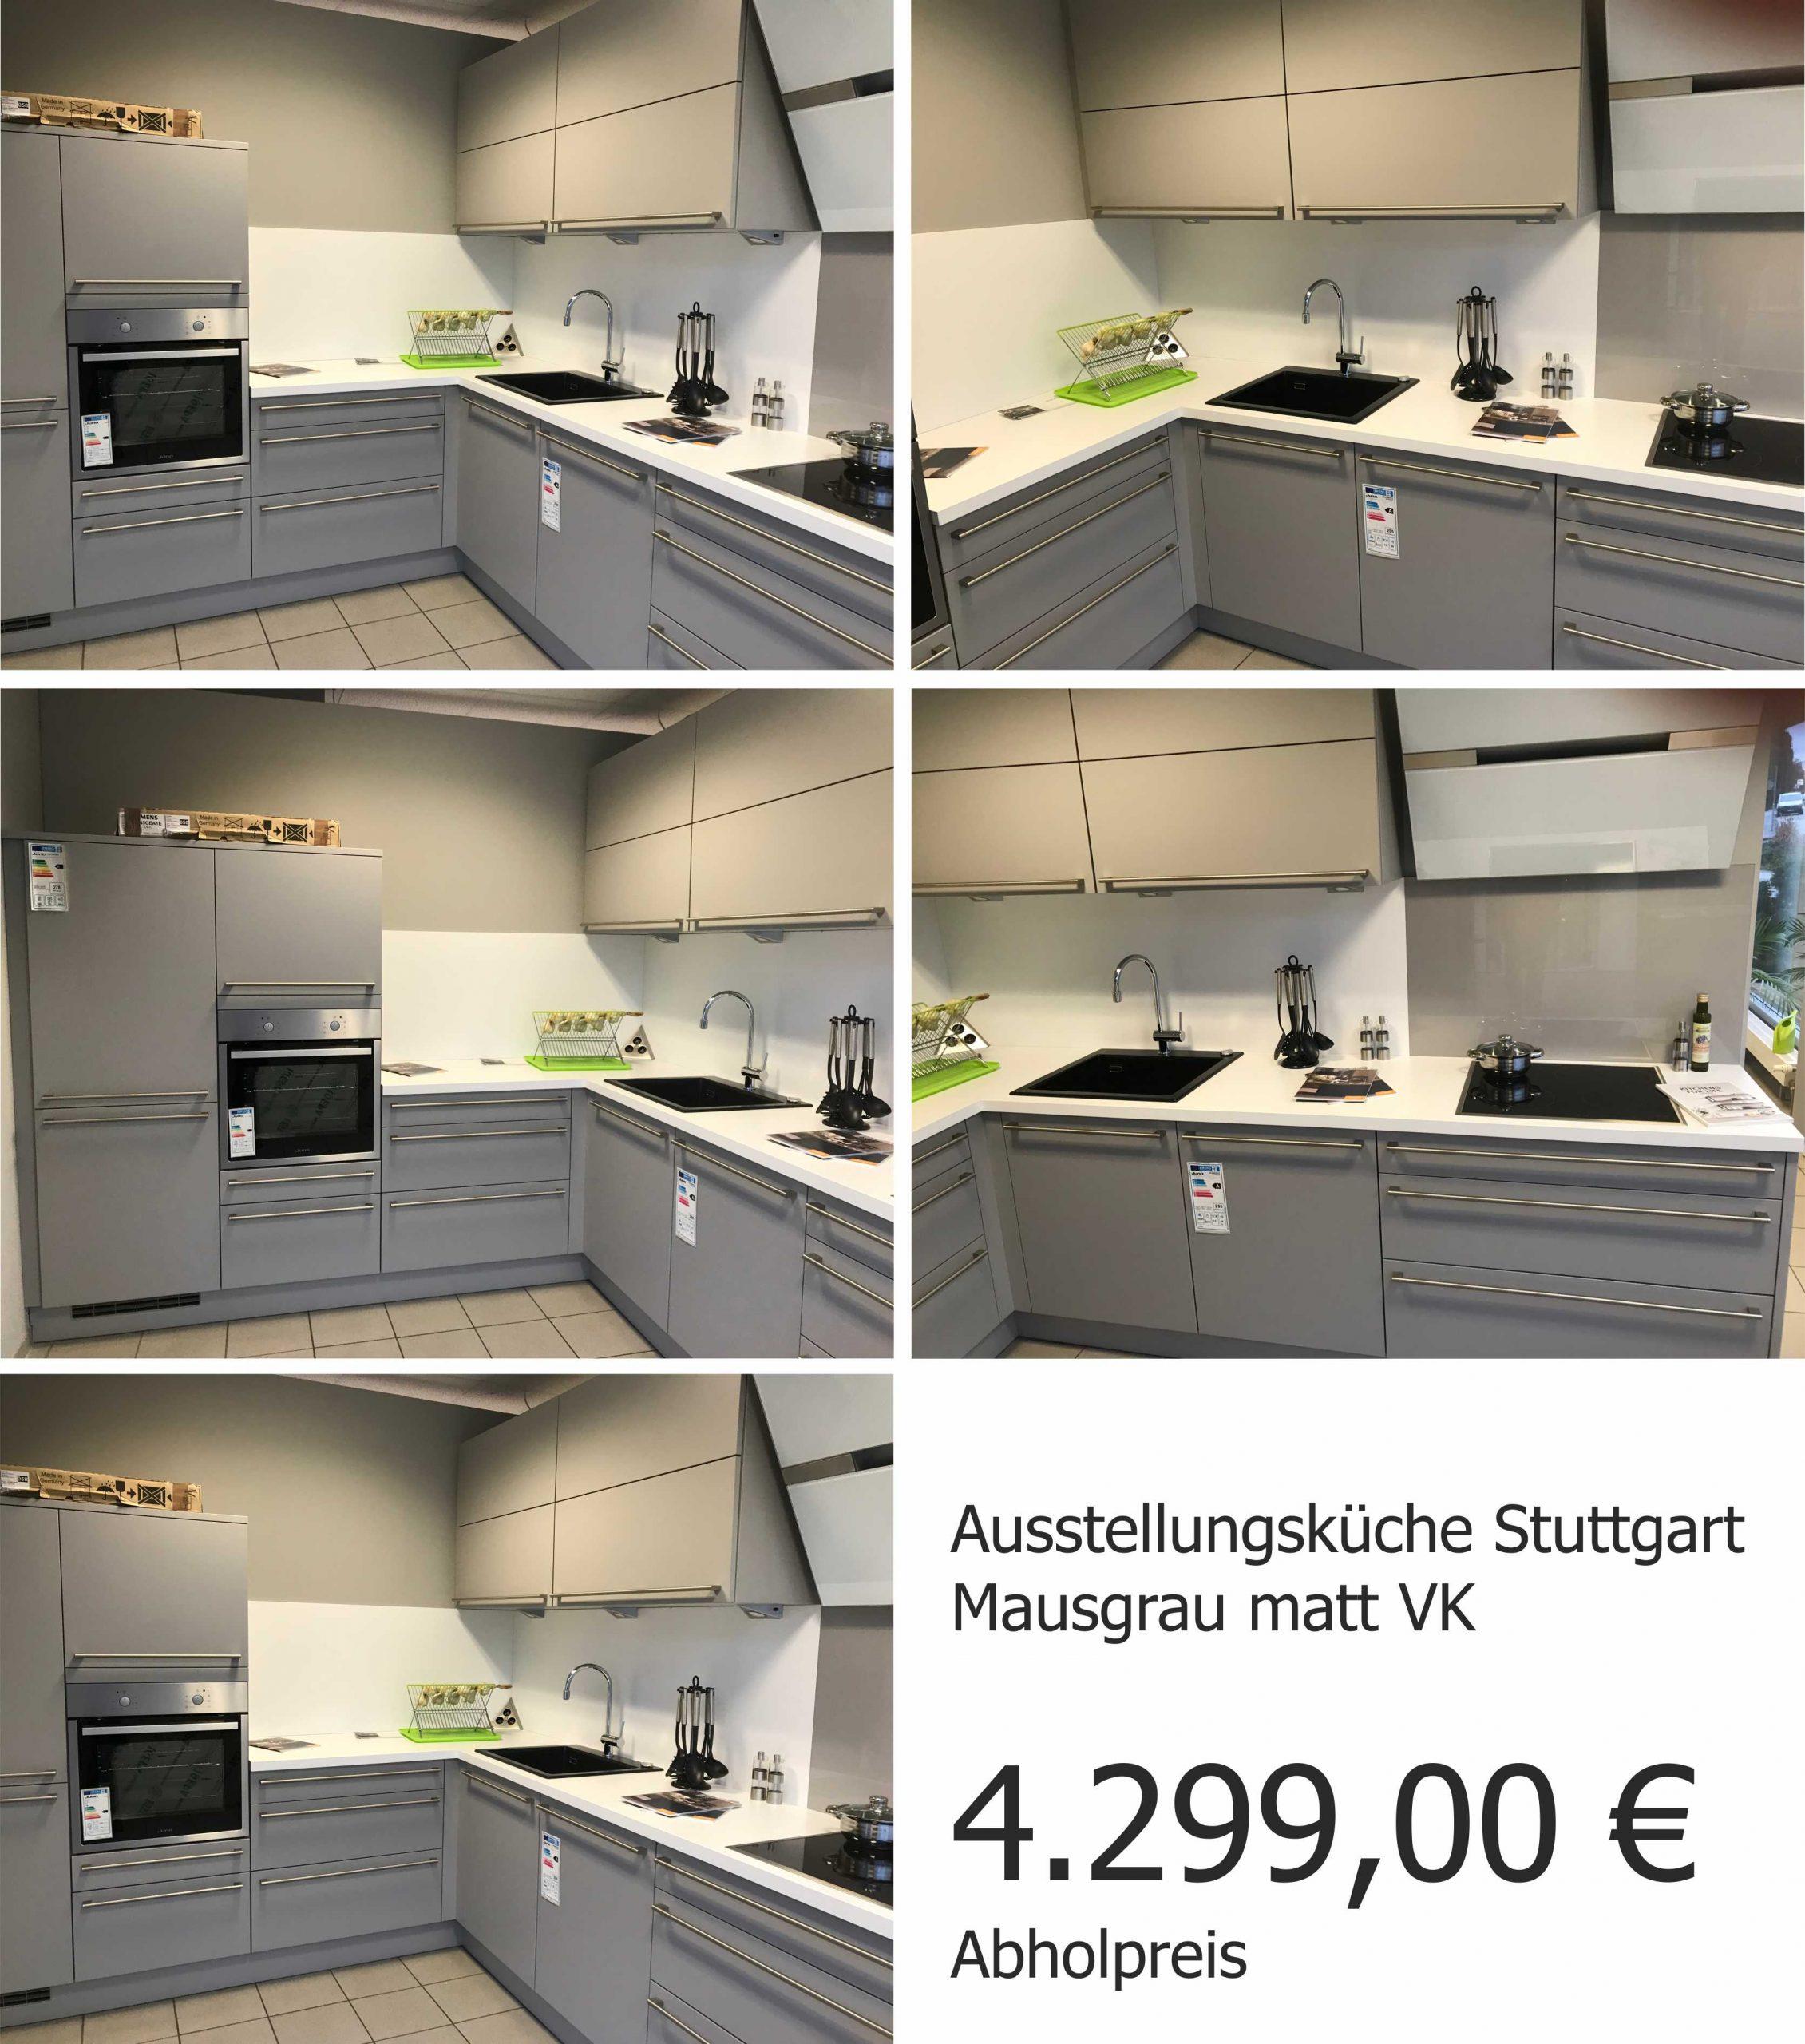 Full Size of Kchen Von Schller Nobilia Mit Kchenplanung Ausstellungskchen Wohnzimmer Ausstellungsküchen